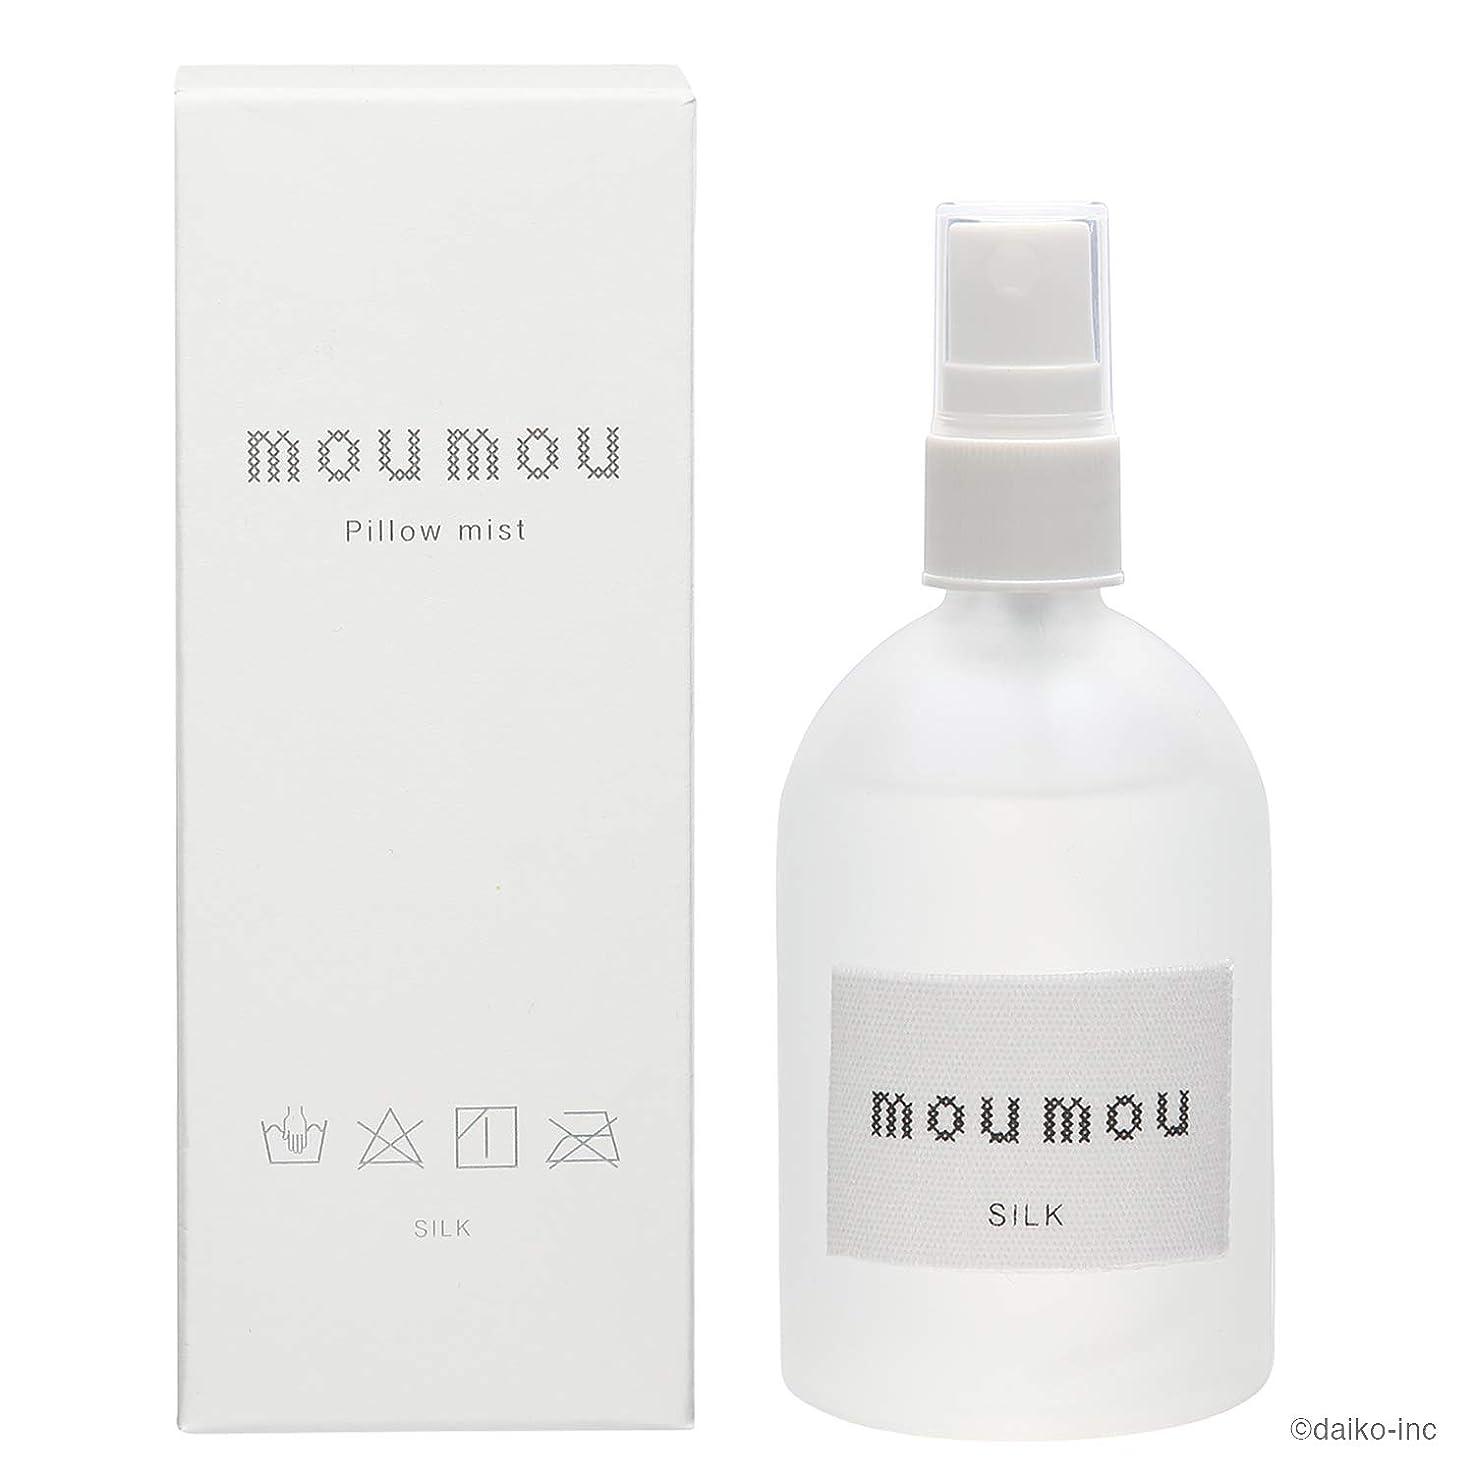 素子ランプ仕事moumou Pillow mist ムームーピローミスト シルク